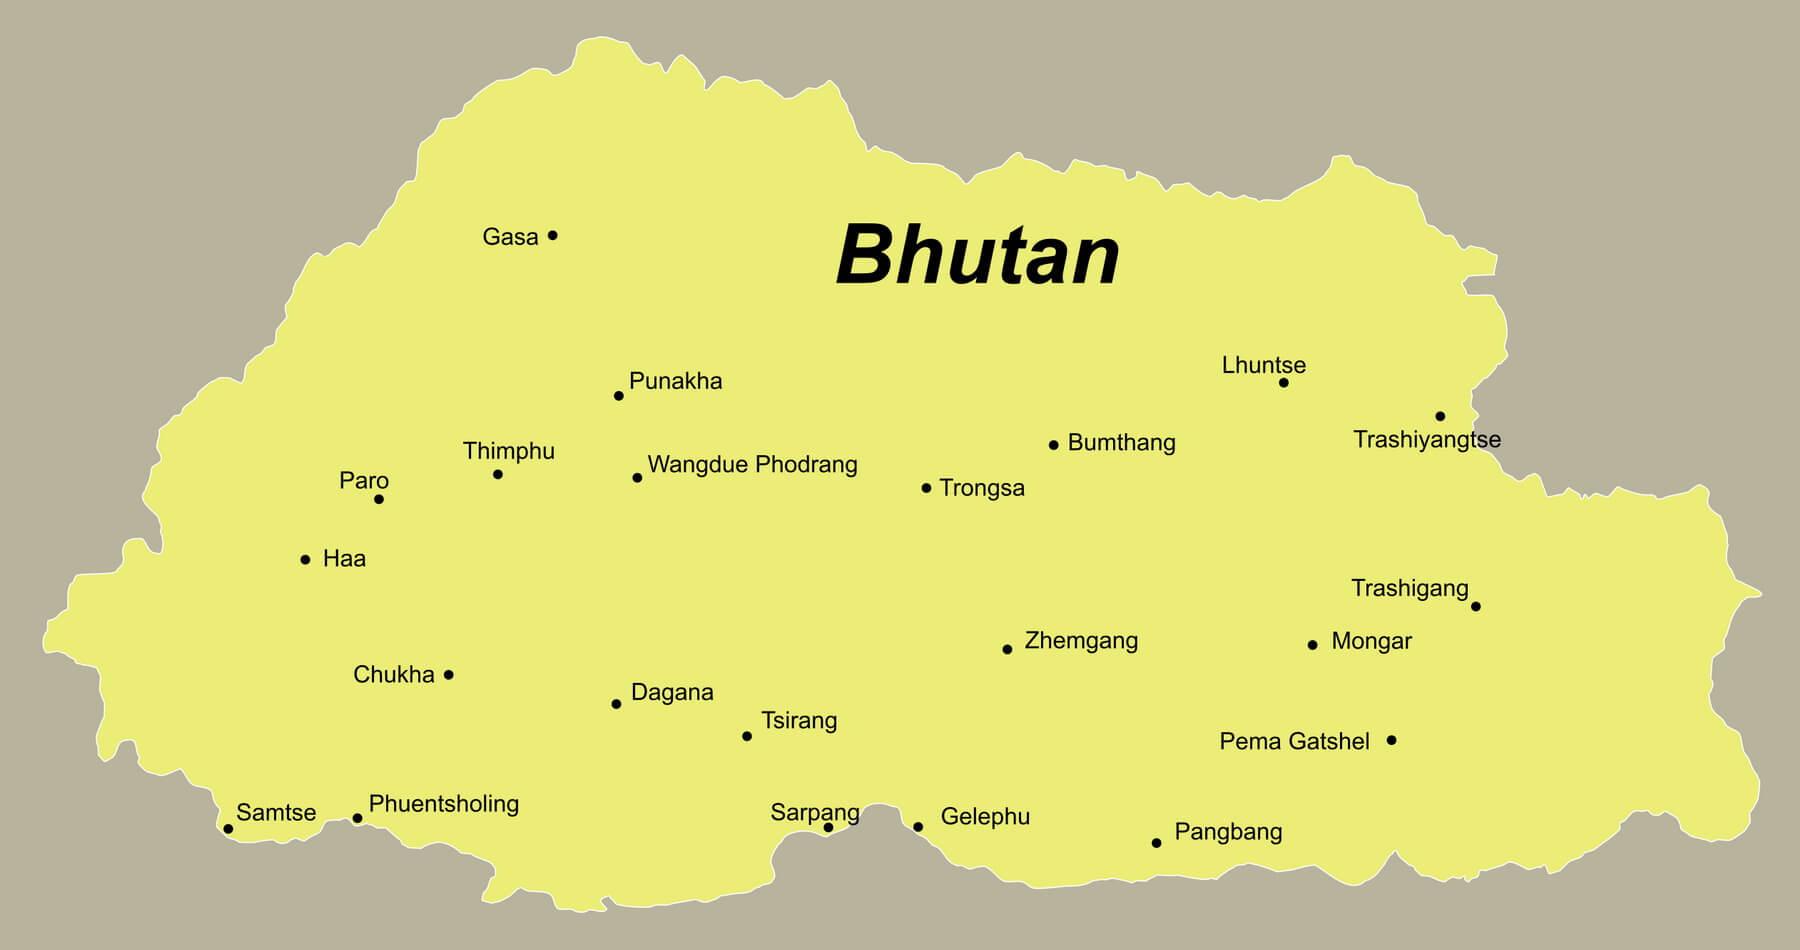 Bhutan Urlaub anspruchsvoll mit dem Reiseveranstalter reisefieber planen und reisen